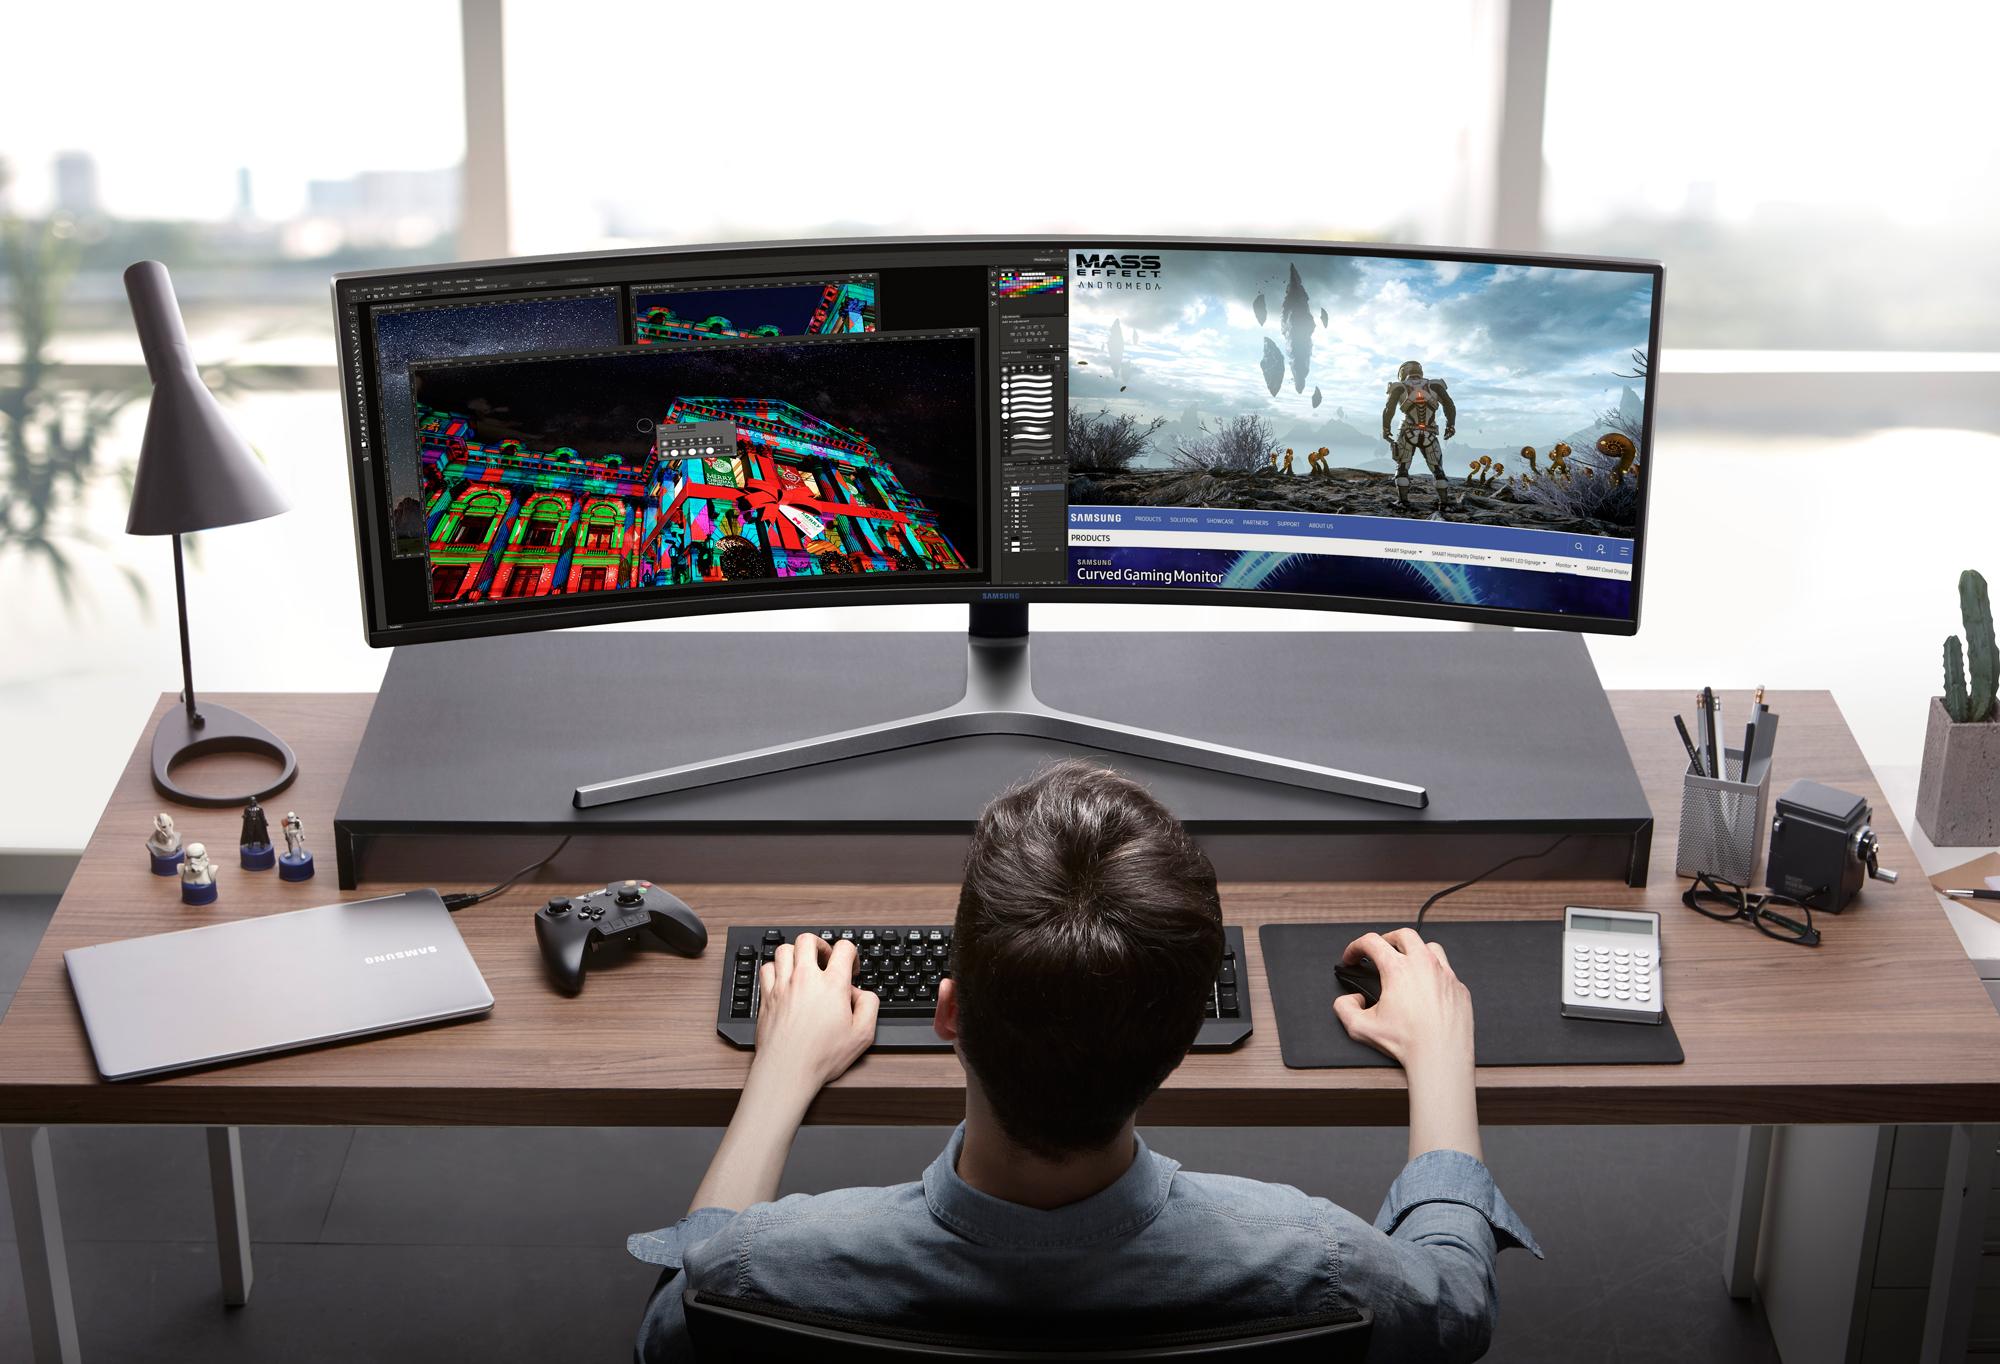 Samsung Ultrawide C49HG90 Gaming Monitor